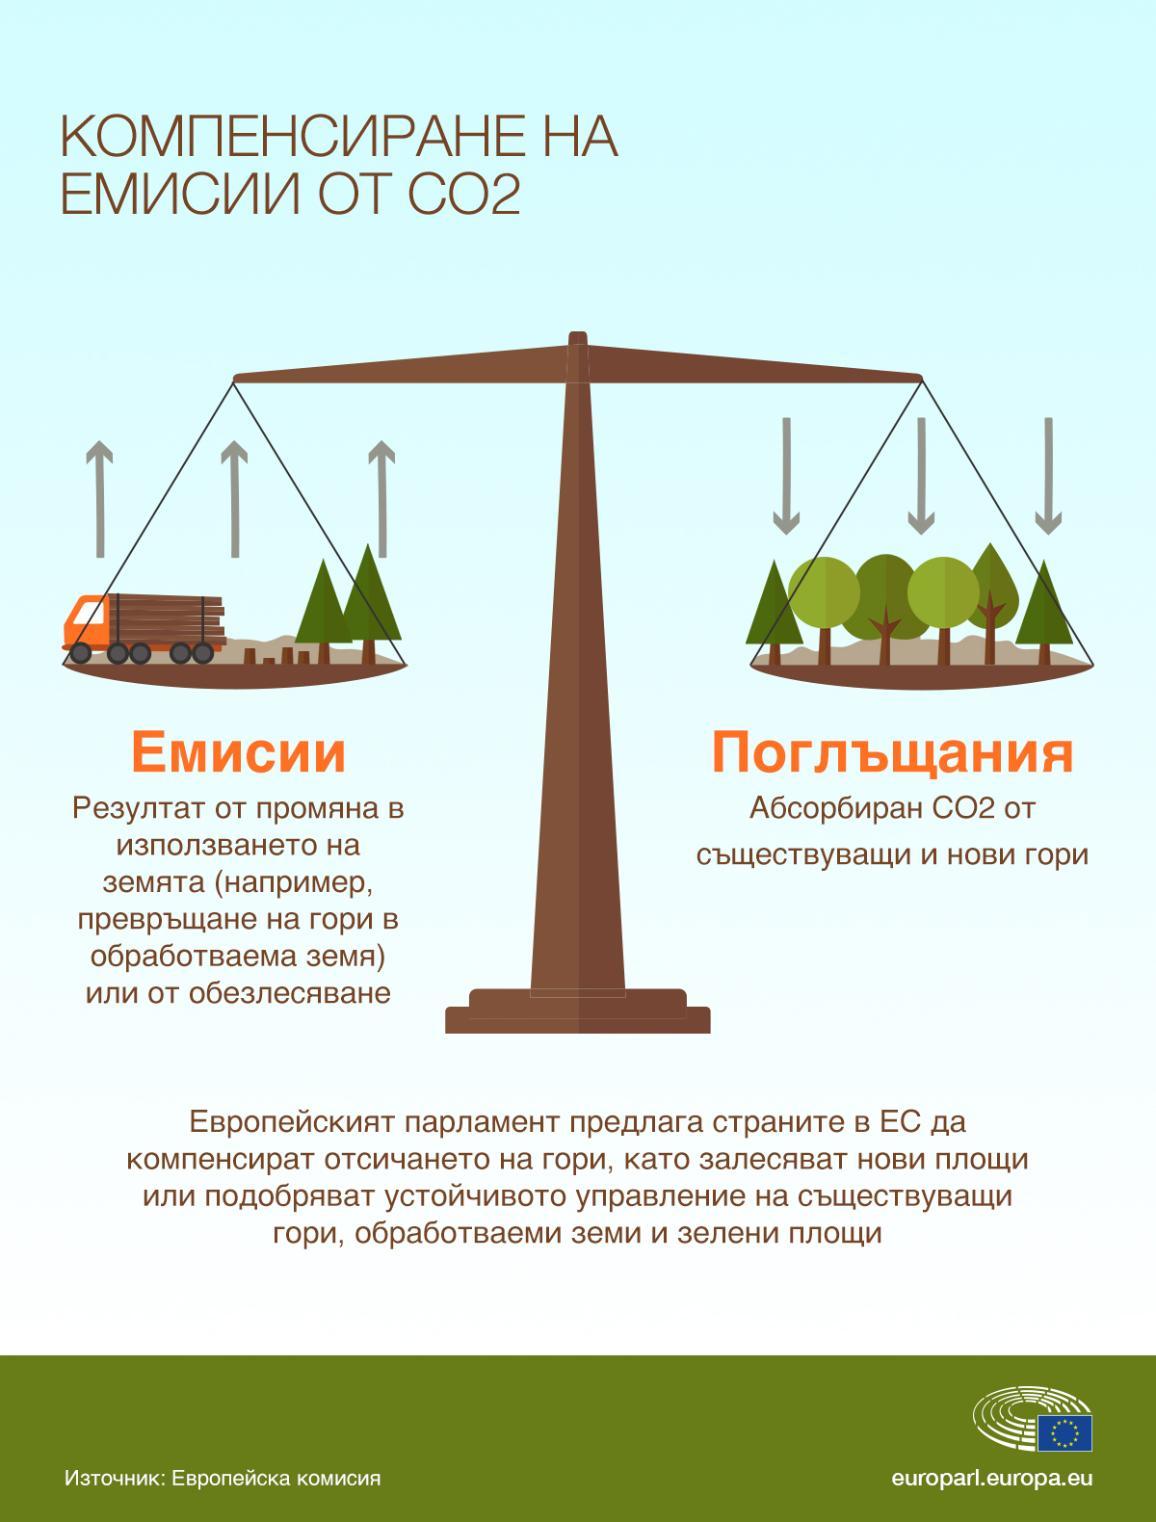 Инфографика: Компенсиране на емисии от СО2